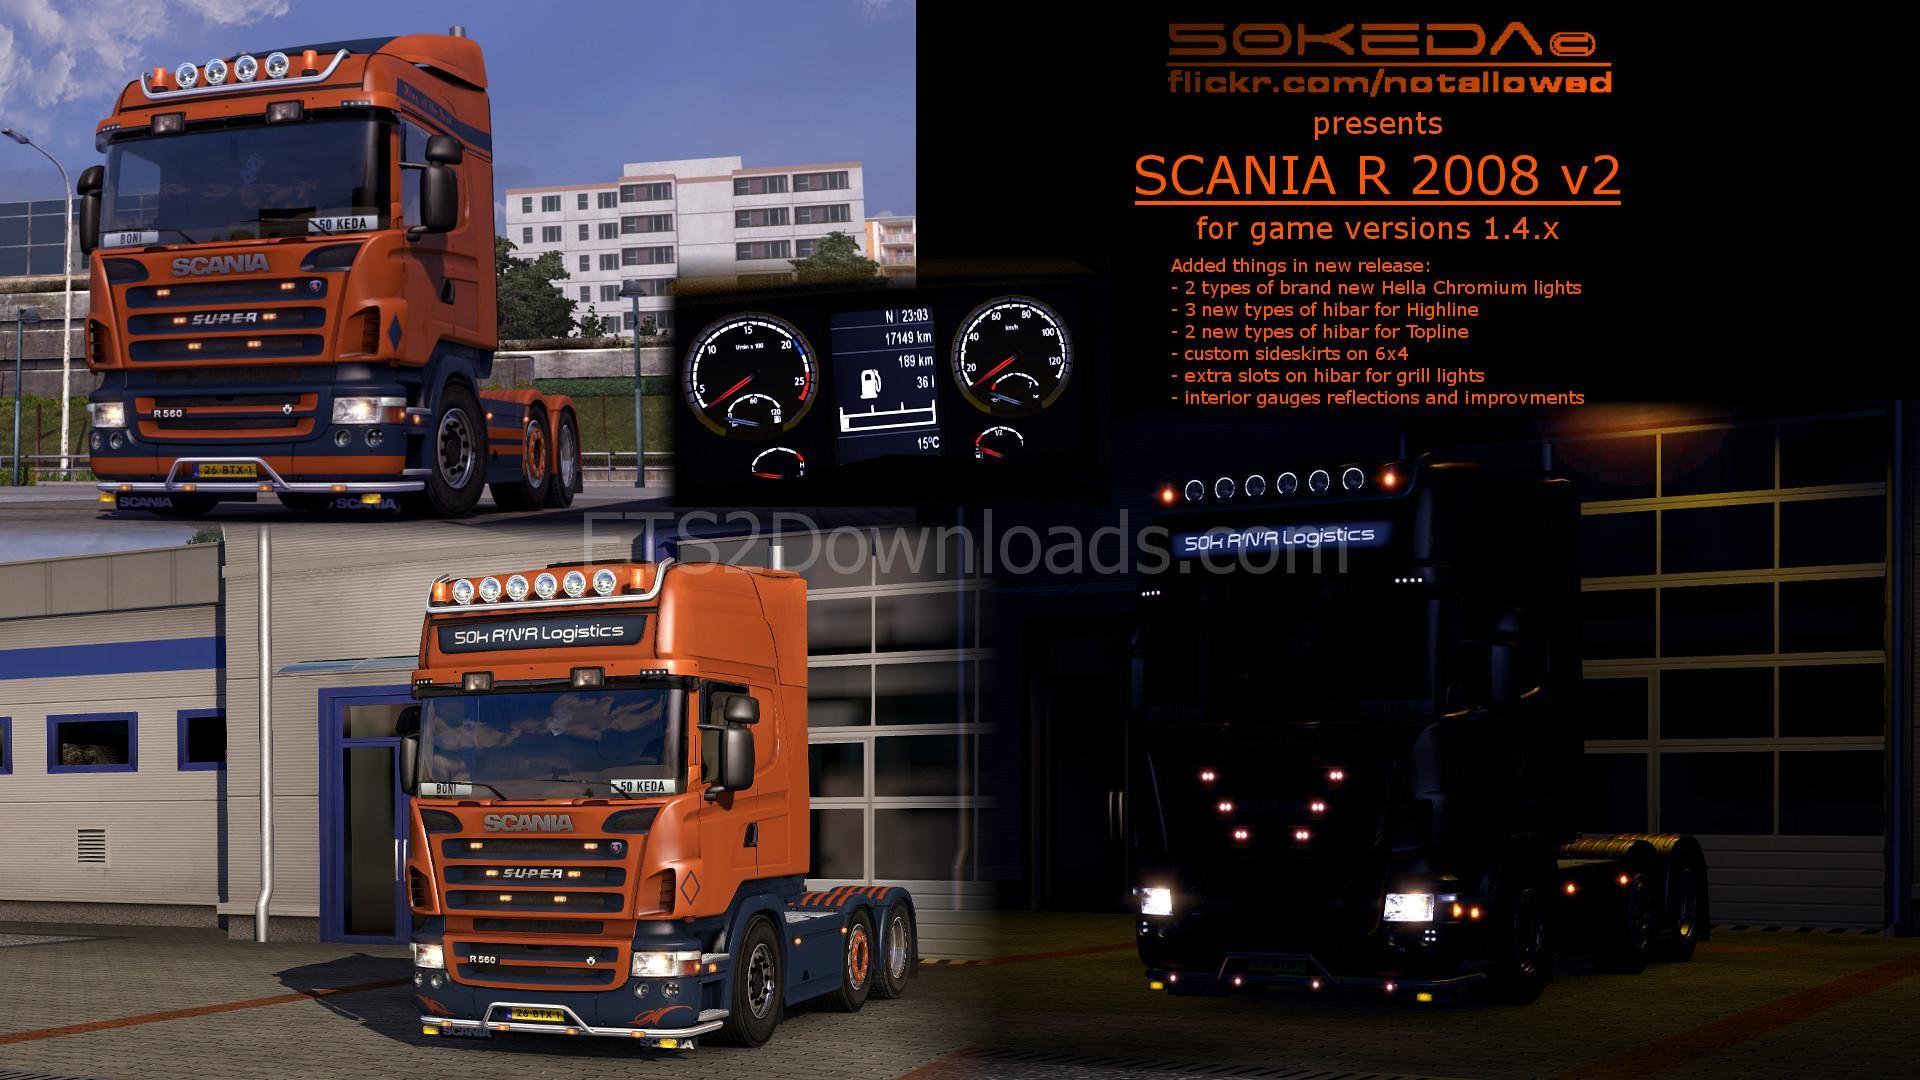 50keda-update-for-scania-ets2-1